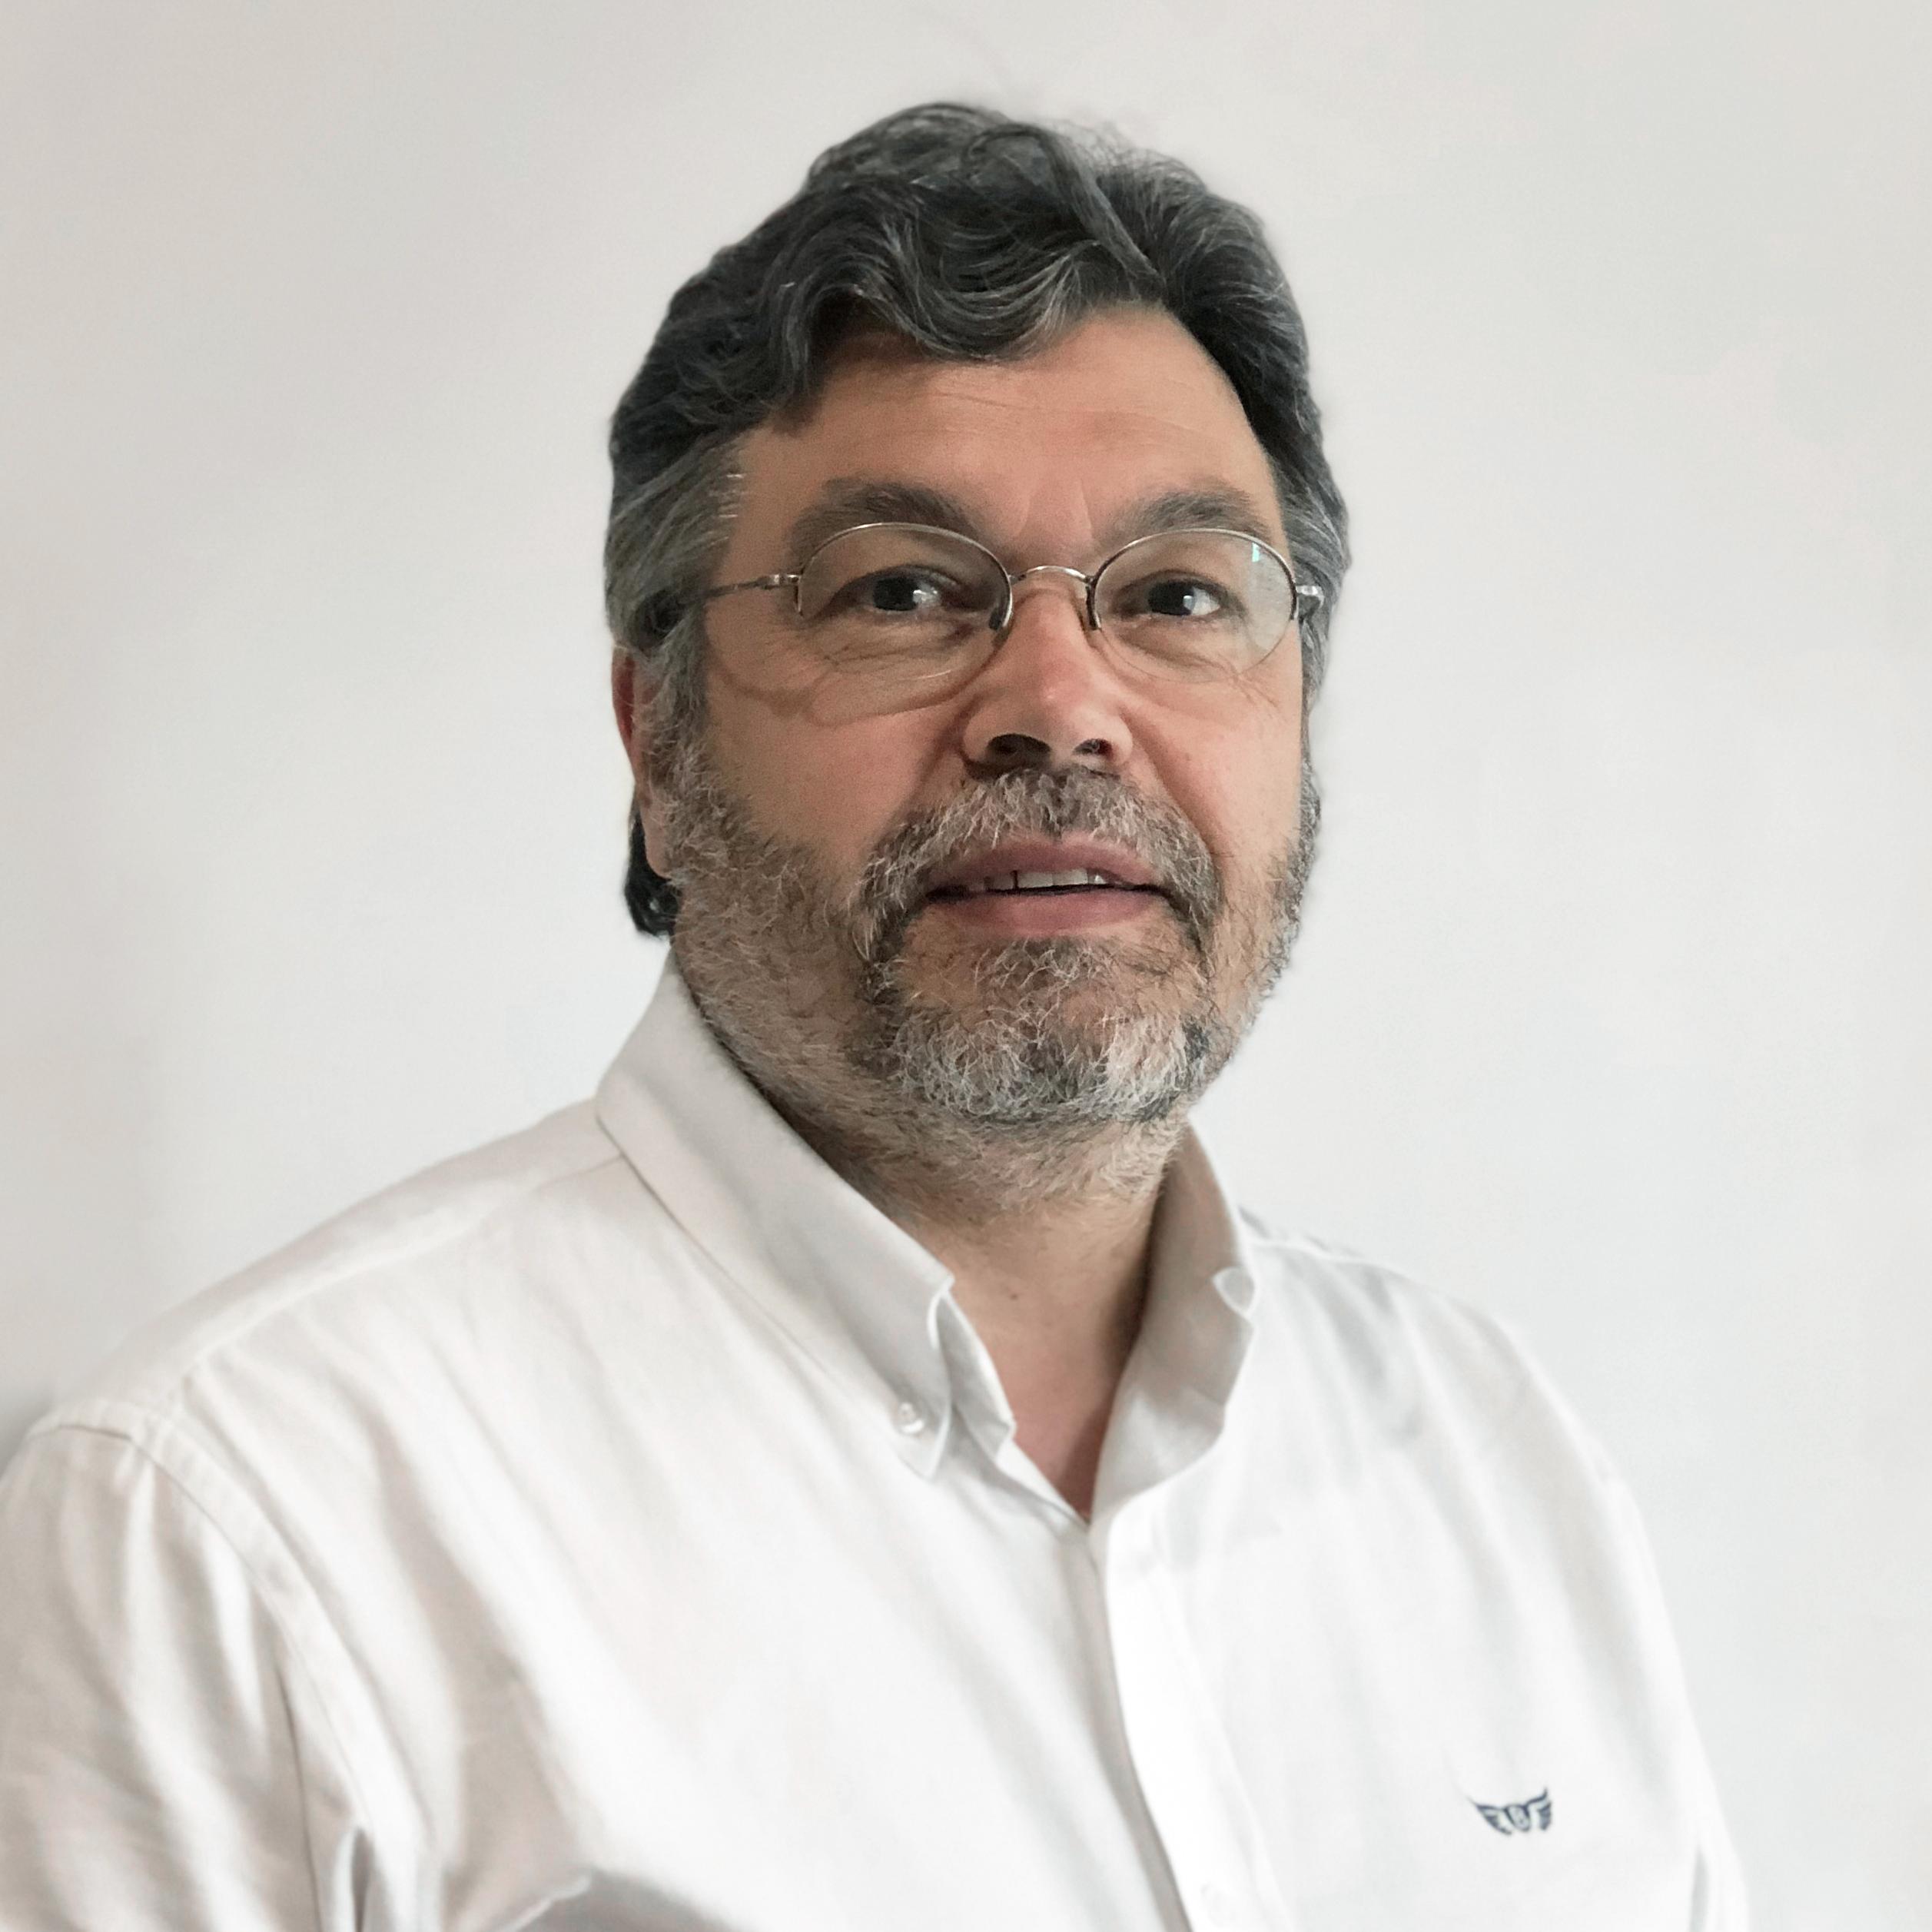 Joaquim Ernesto Moura de Sousa - Psicólogo Clínico e da Saúde